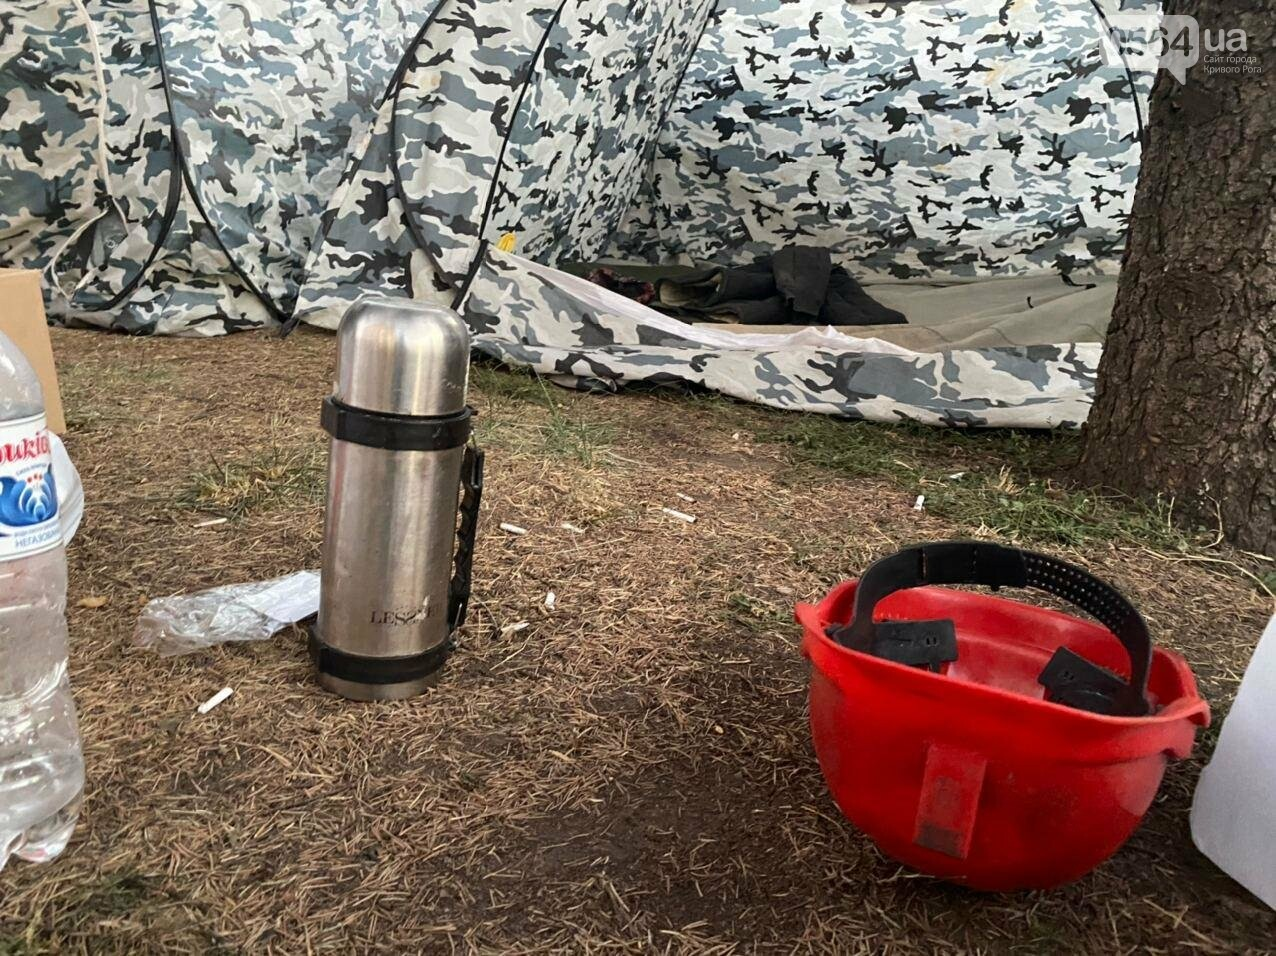 В поддержку горняков, которые бастуют под землей, криворожане разбили палаточный городок под админзданием КЖРК, - ФОТО, ВИДЕО , фото-12